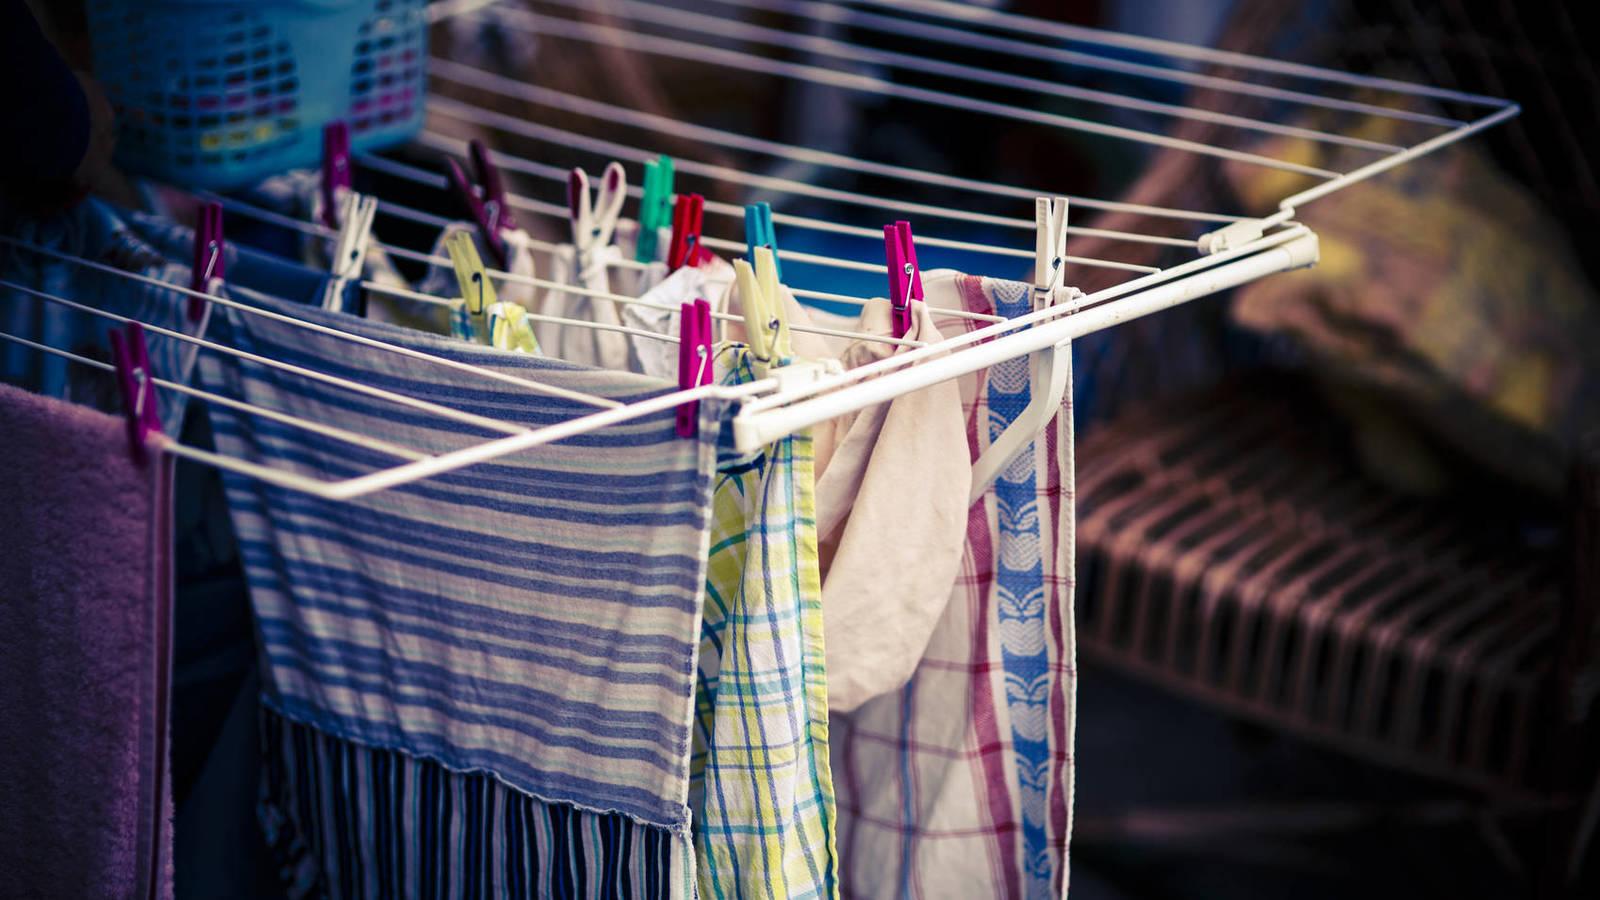 Diferentes estudios determinaron que la humedad causada por las cargas de ropa puede afectar la salud de las personas